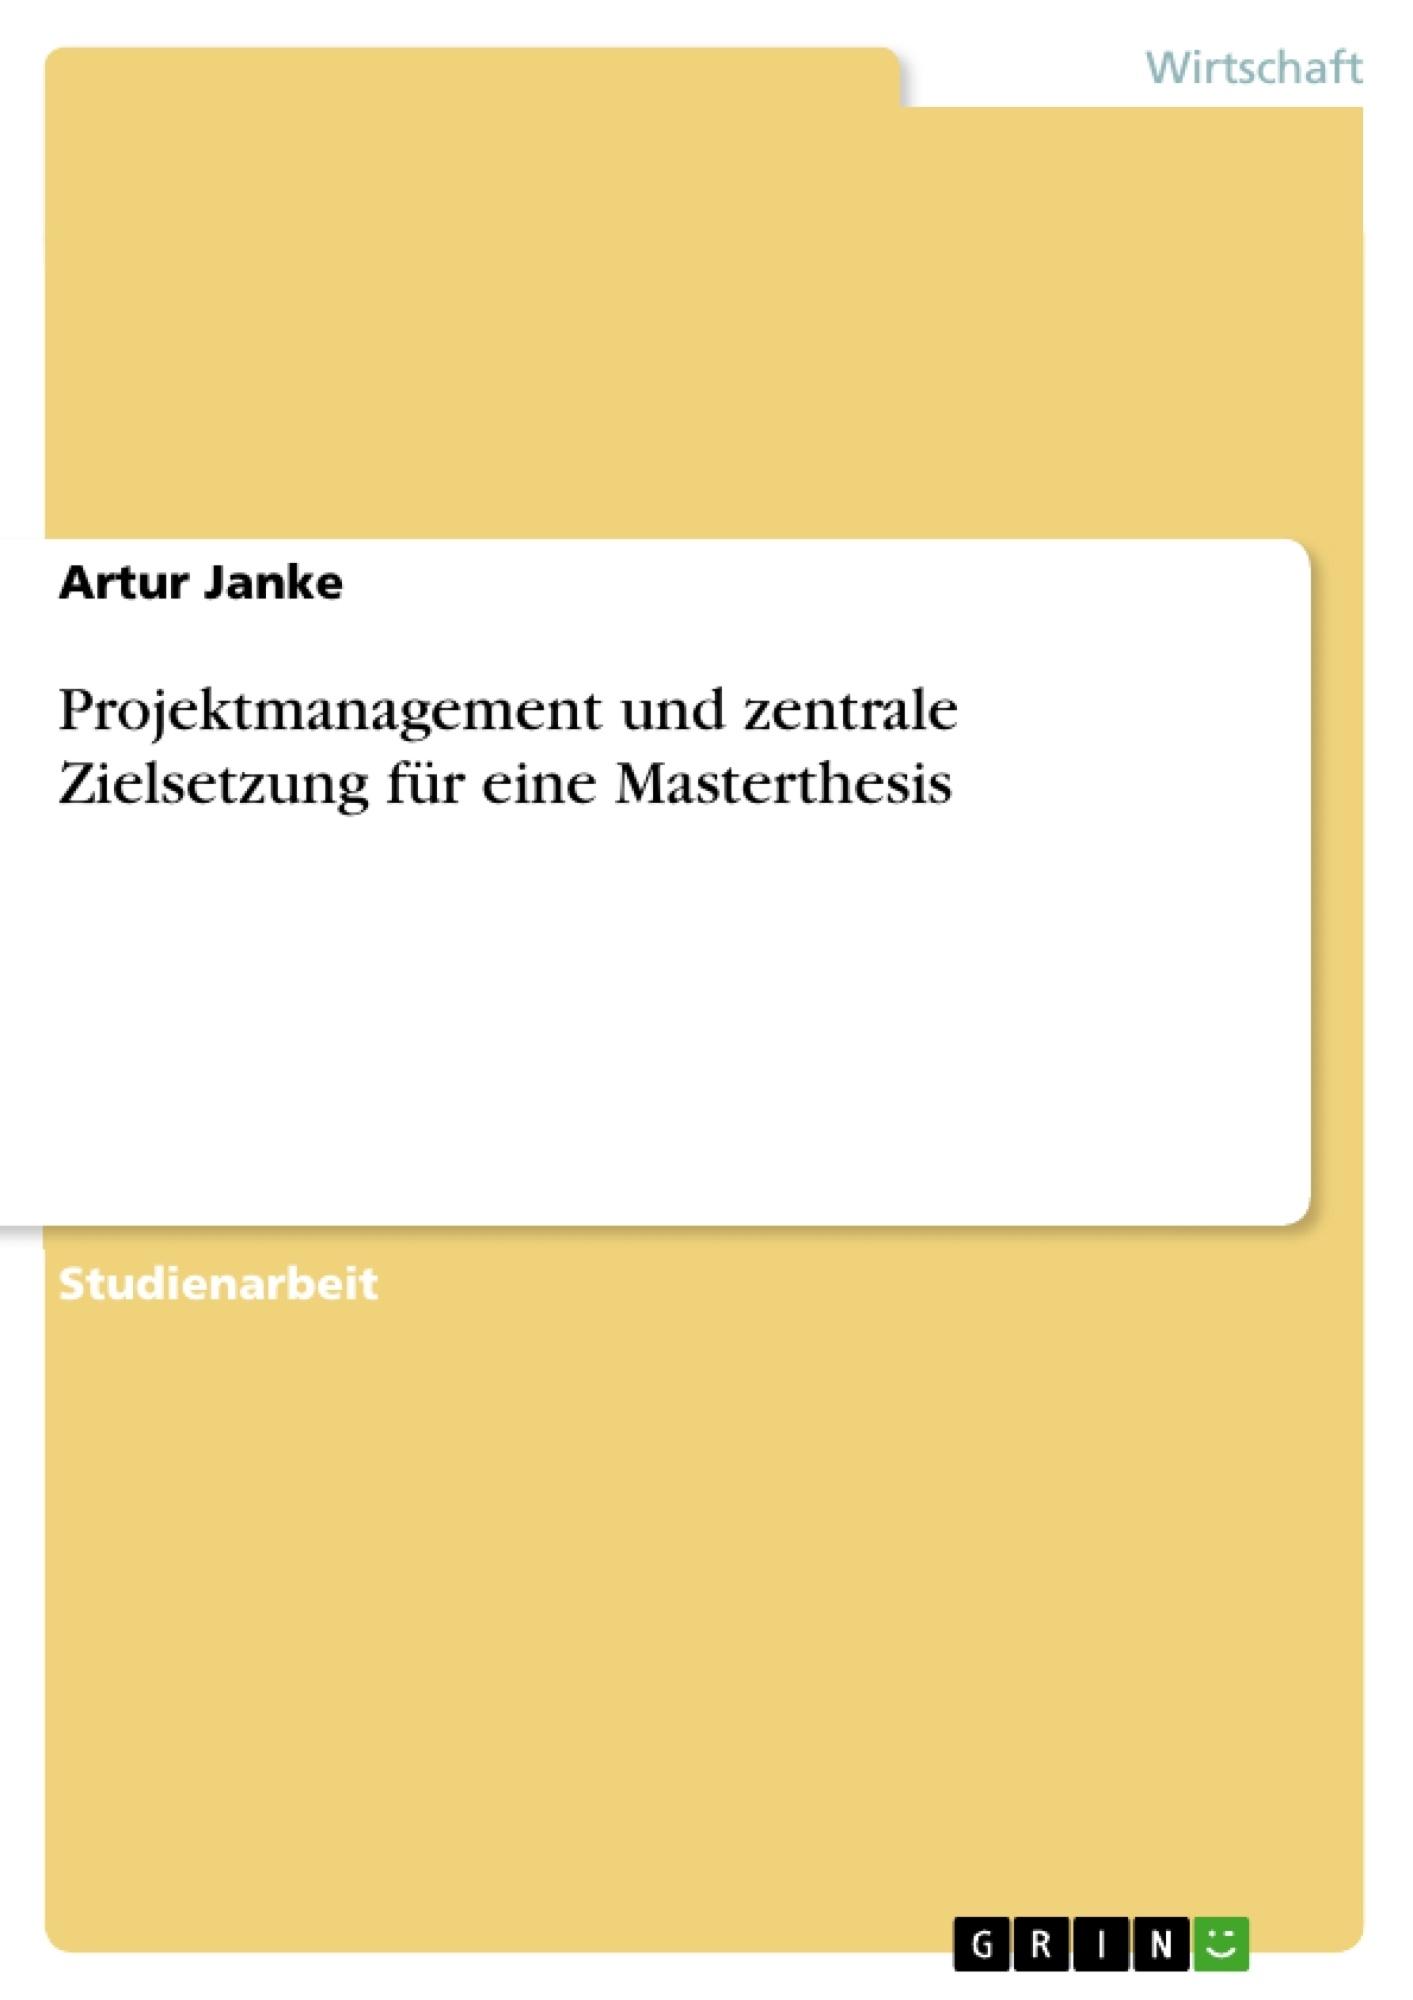 Titel: Projektmanagement und zentrale Zielsetzung für eine Masterthesis